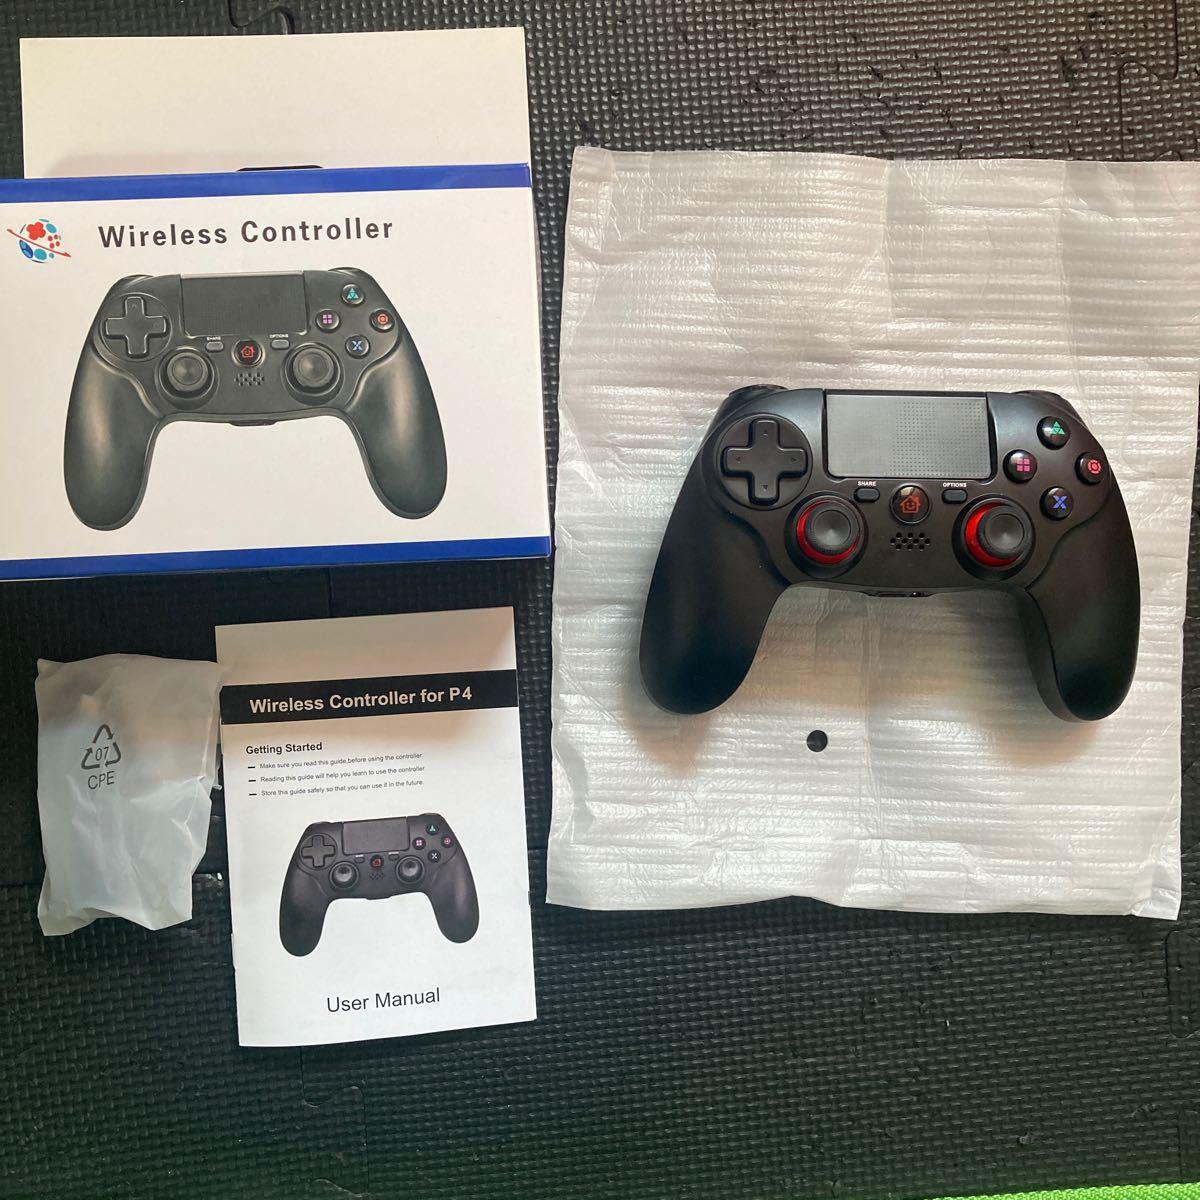 ワイヤレスコントローラー(PS4 FPS用)